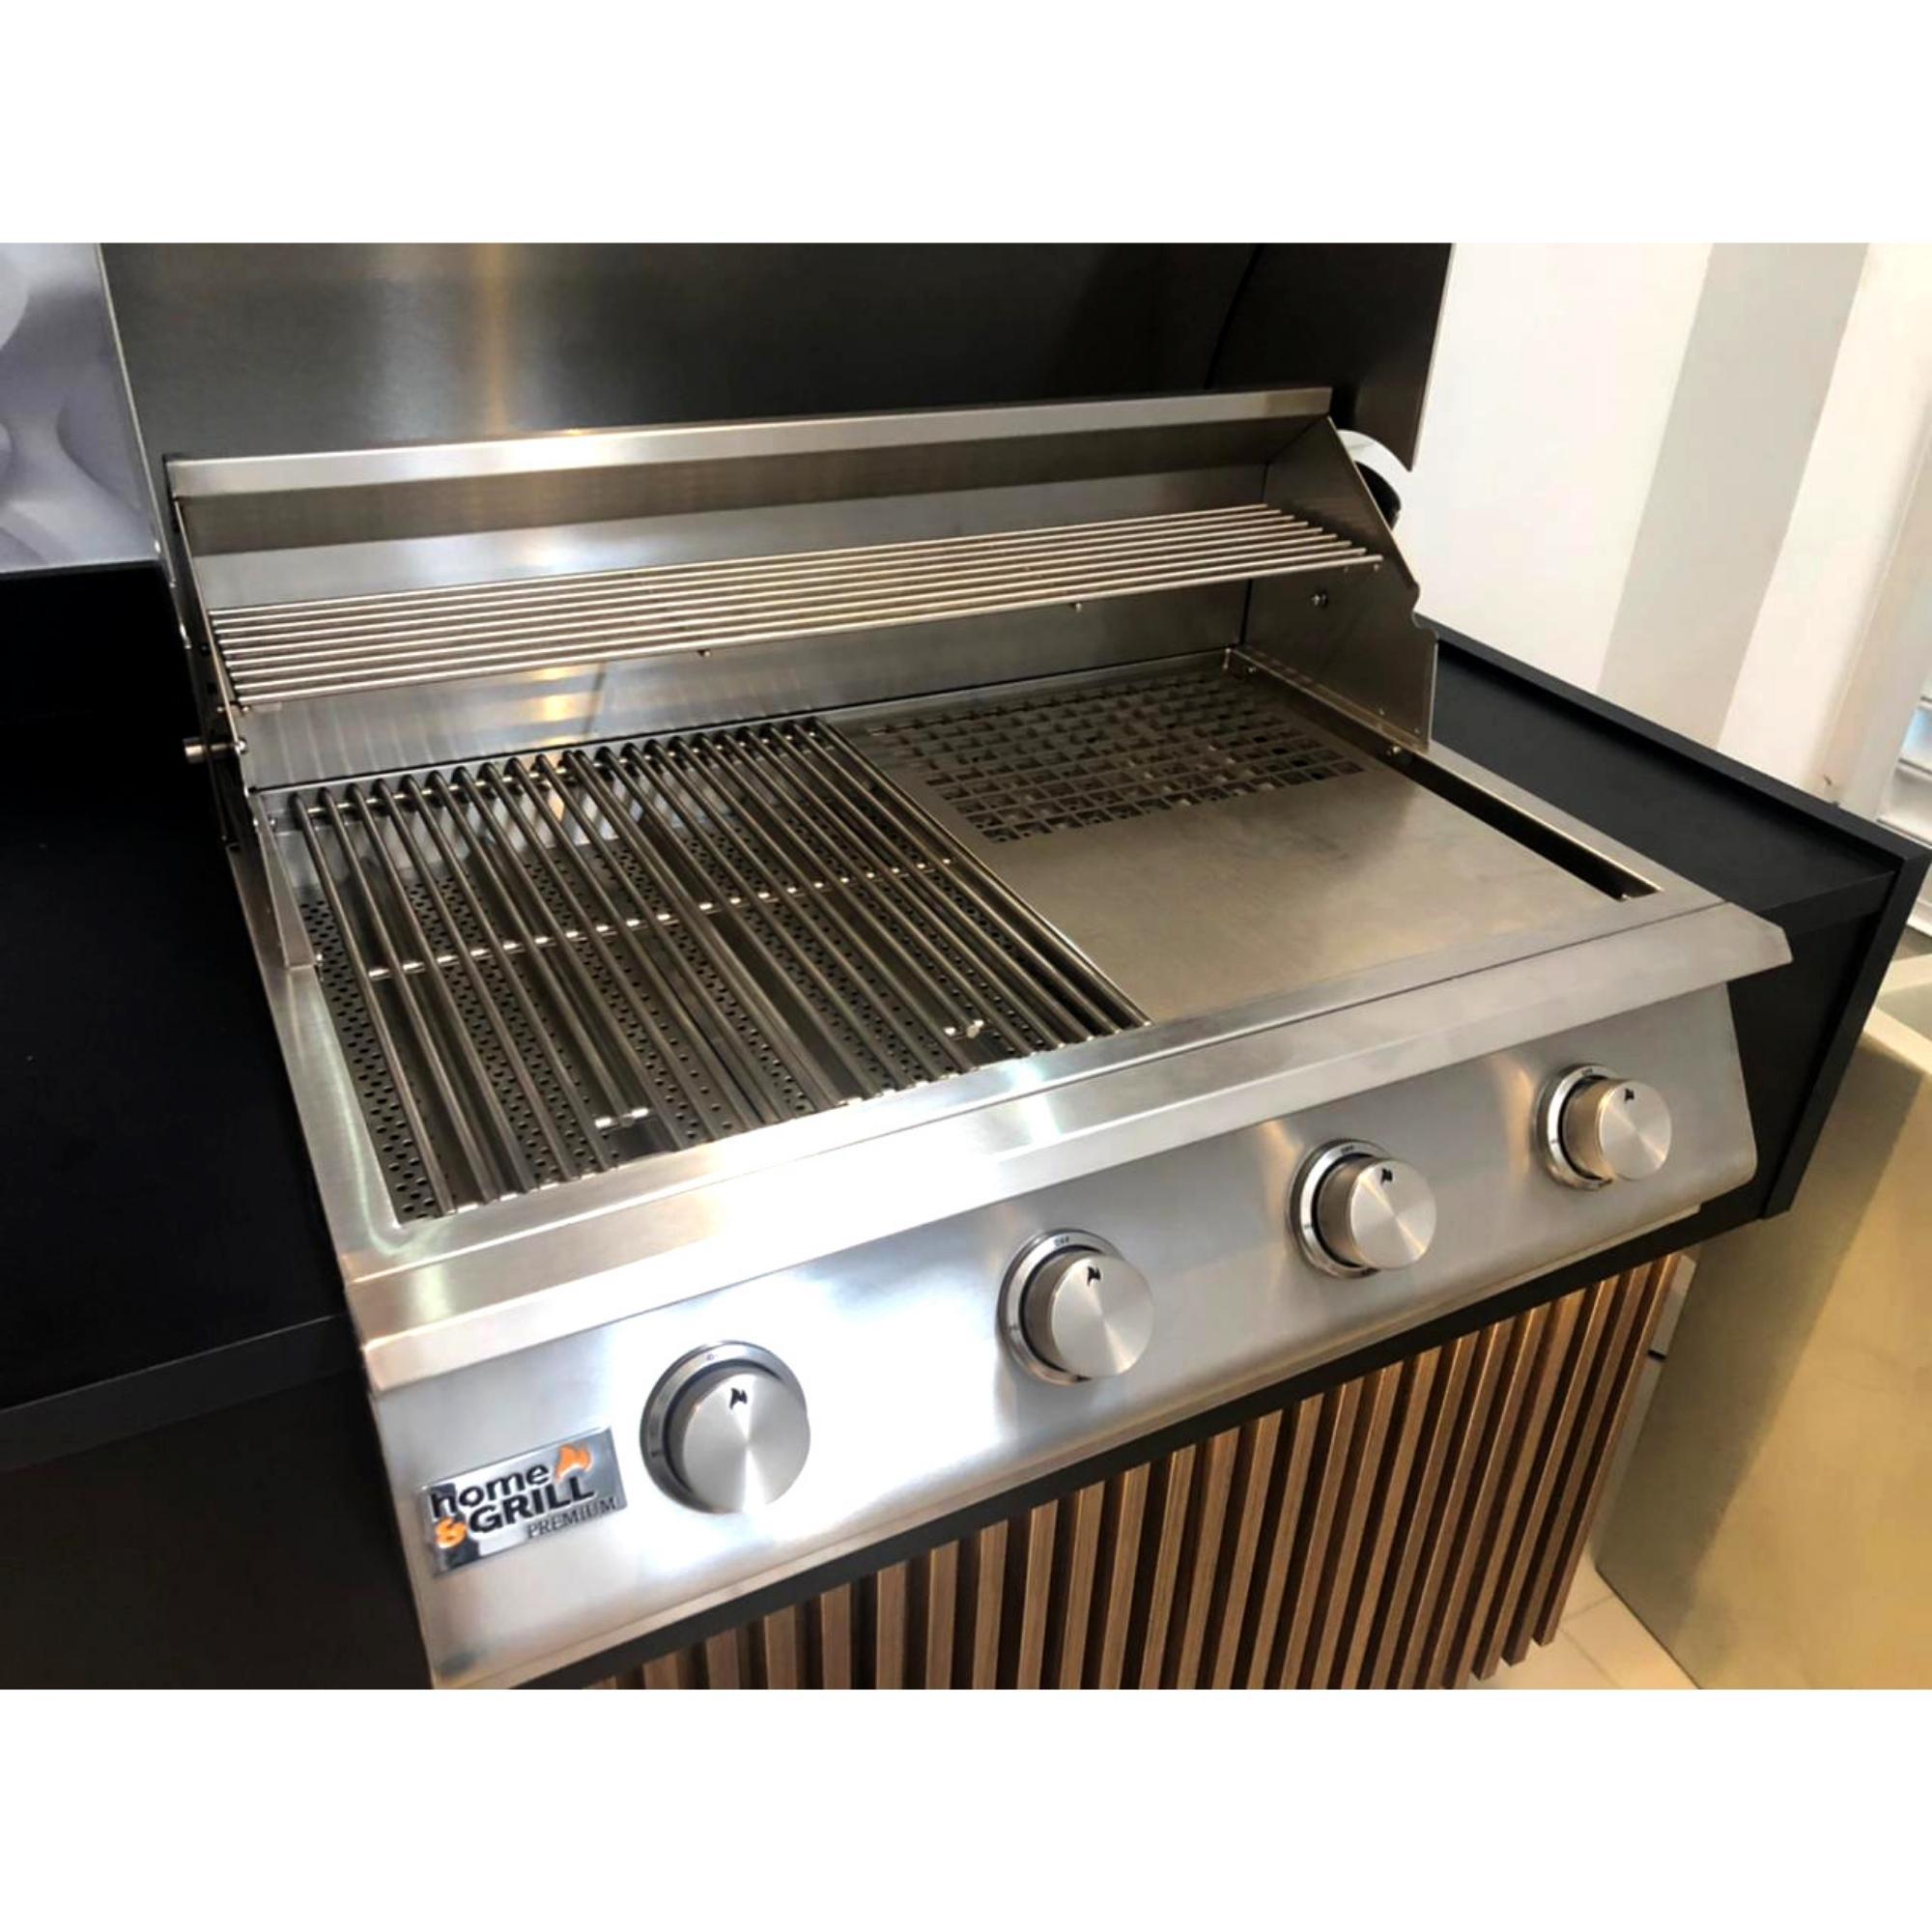 Chapa Dupla Inox Quadriculada para Churrasqueira Home&Grill Premium  - Sua Casa Gourmet e Cia